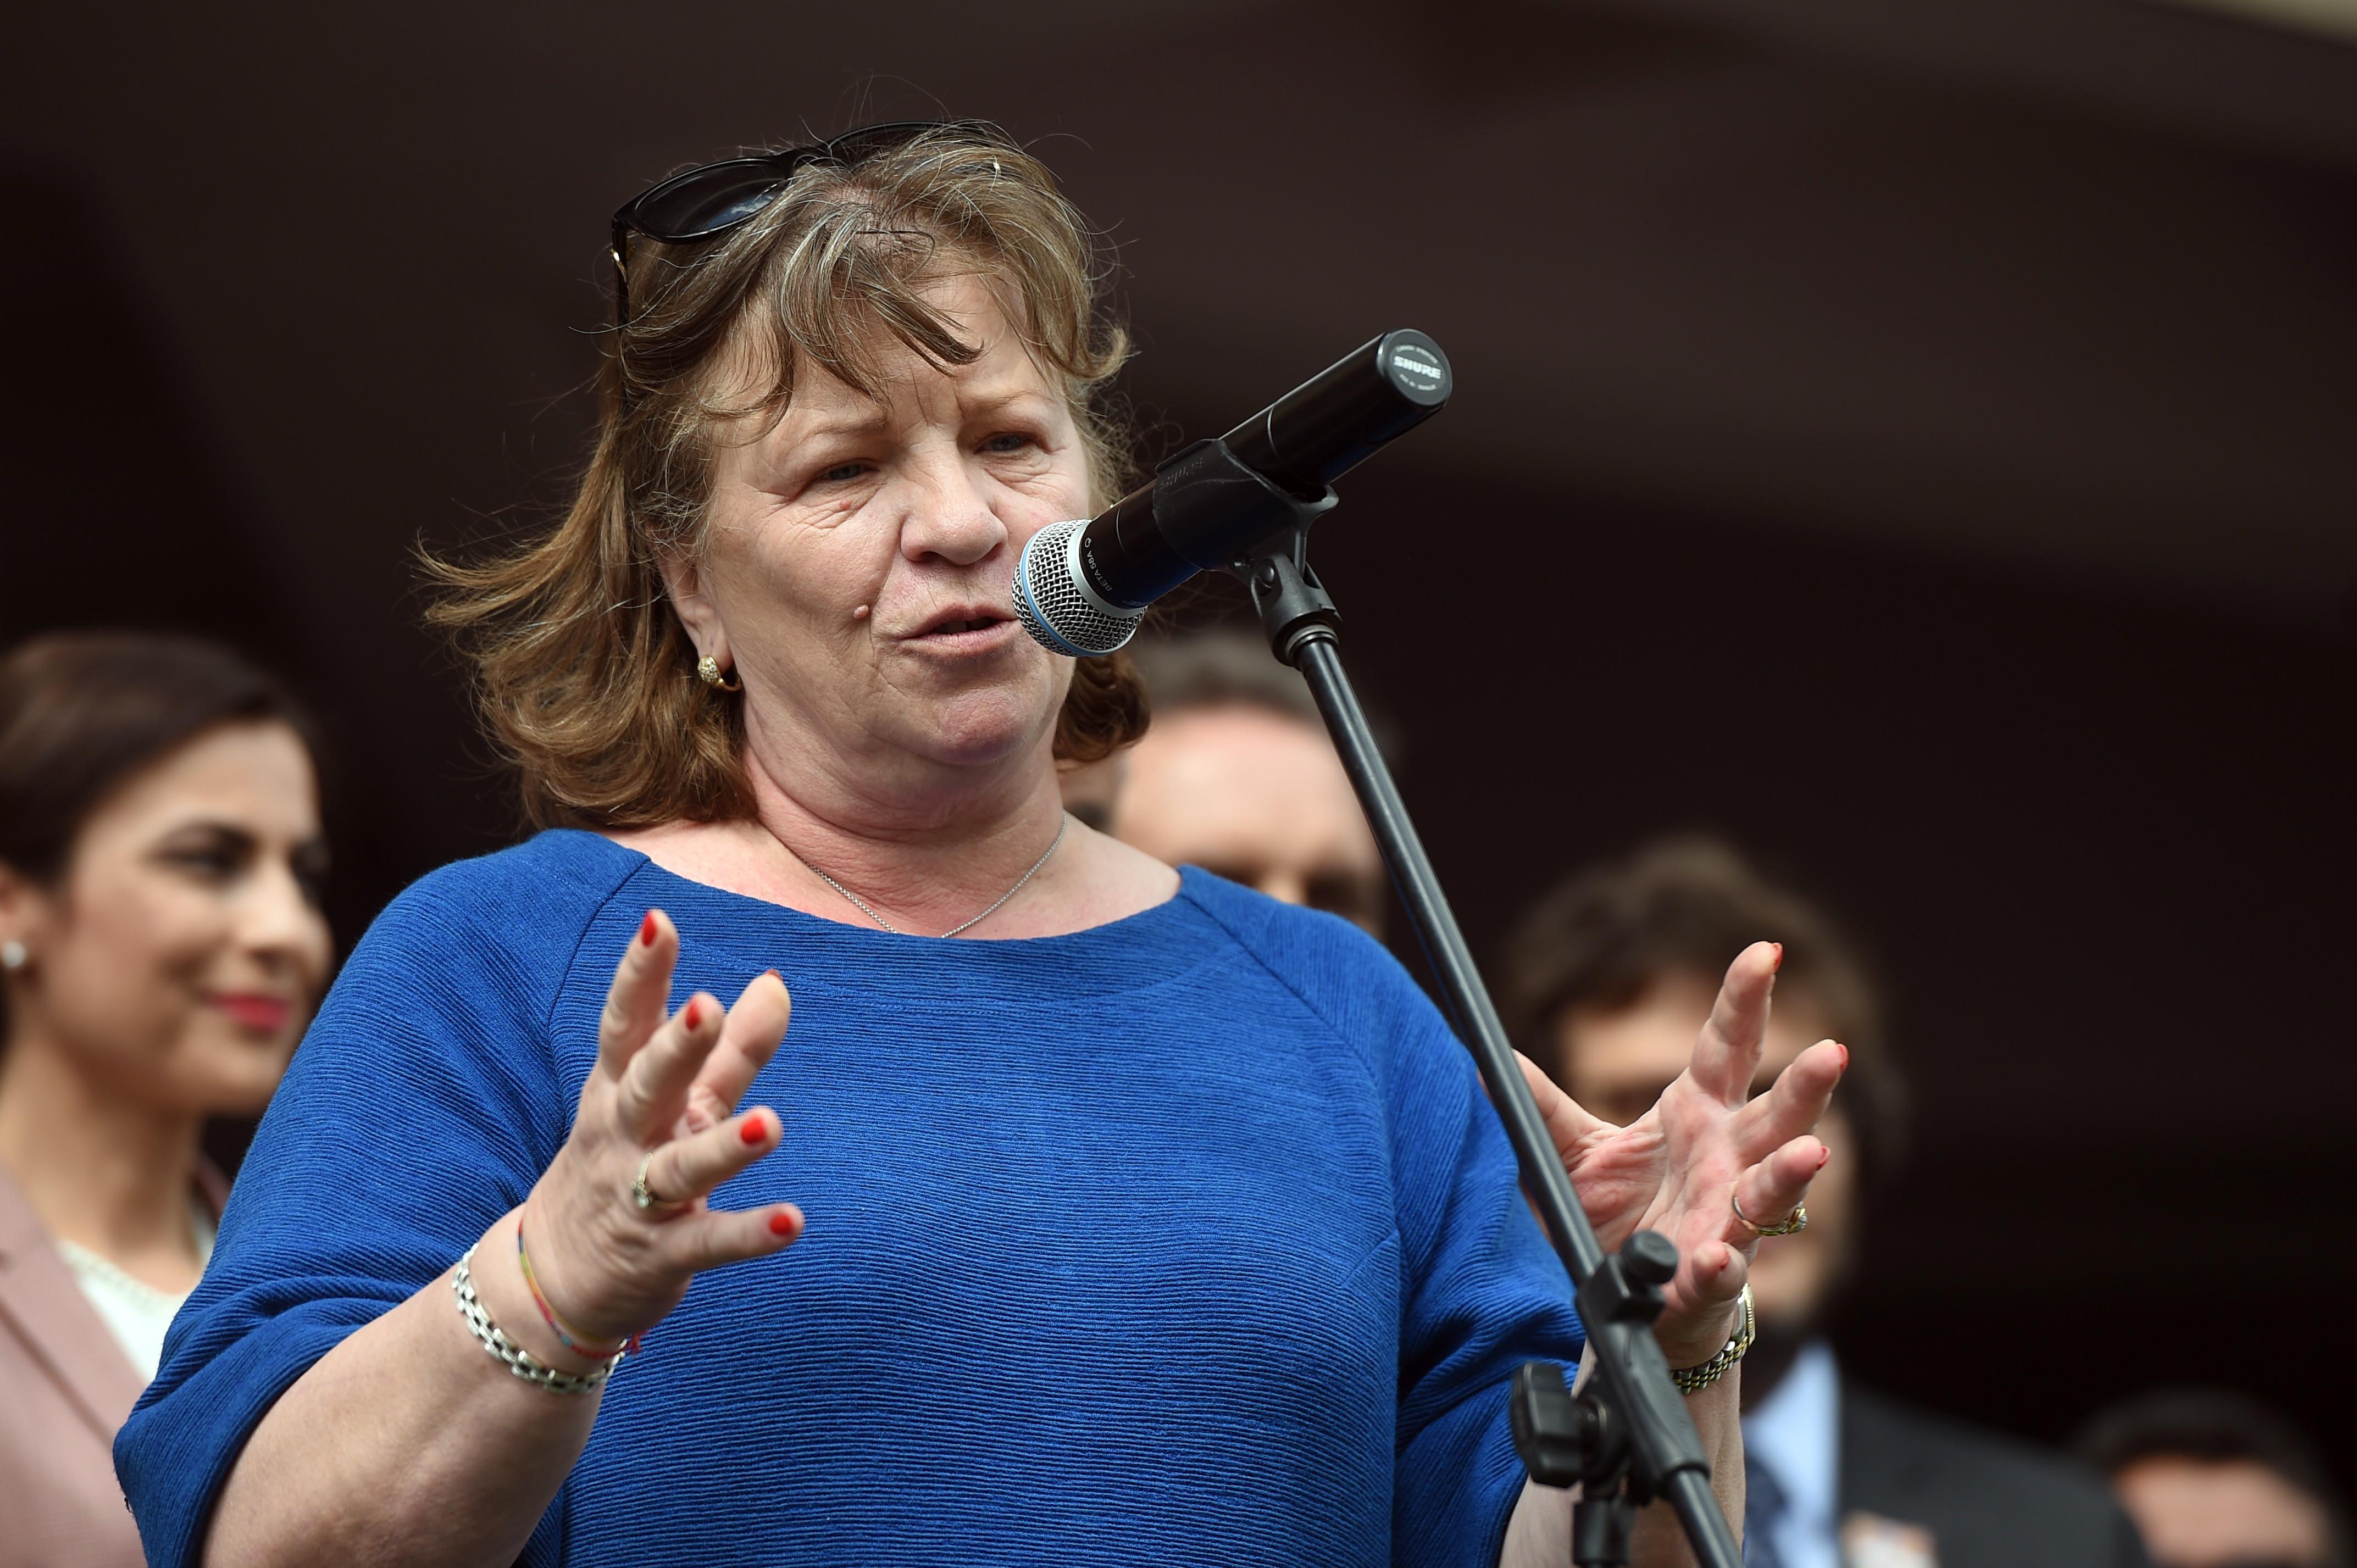 Norica Nicolai: Poate putem să discutăm şi despre obligativitatea votului în România